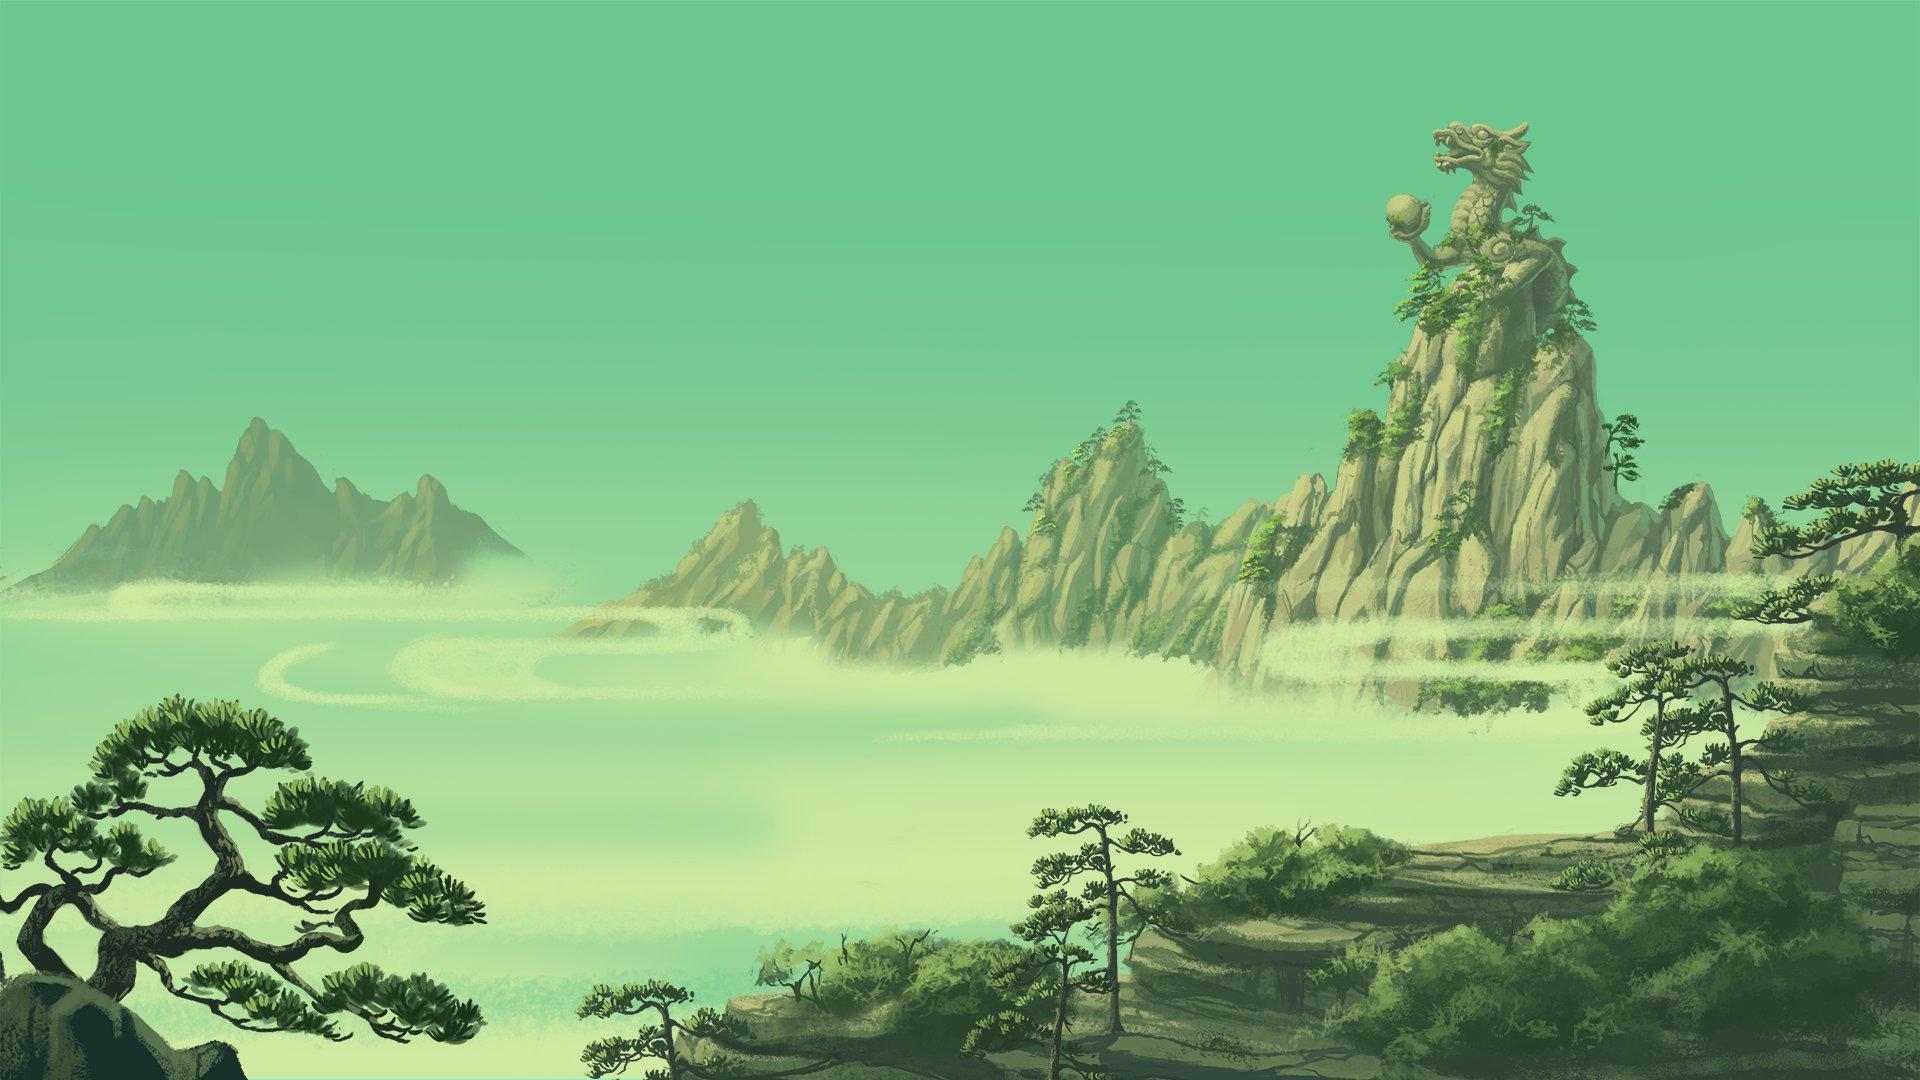 Qianqian liu mountains